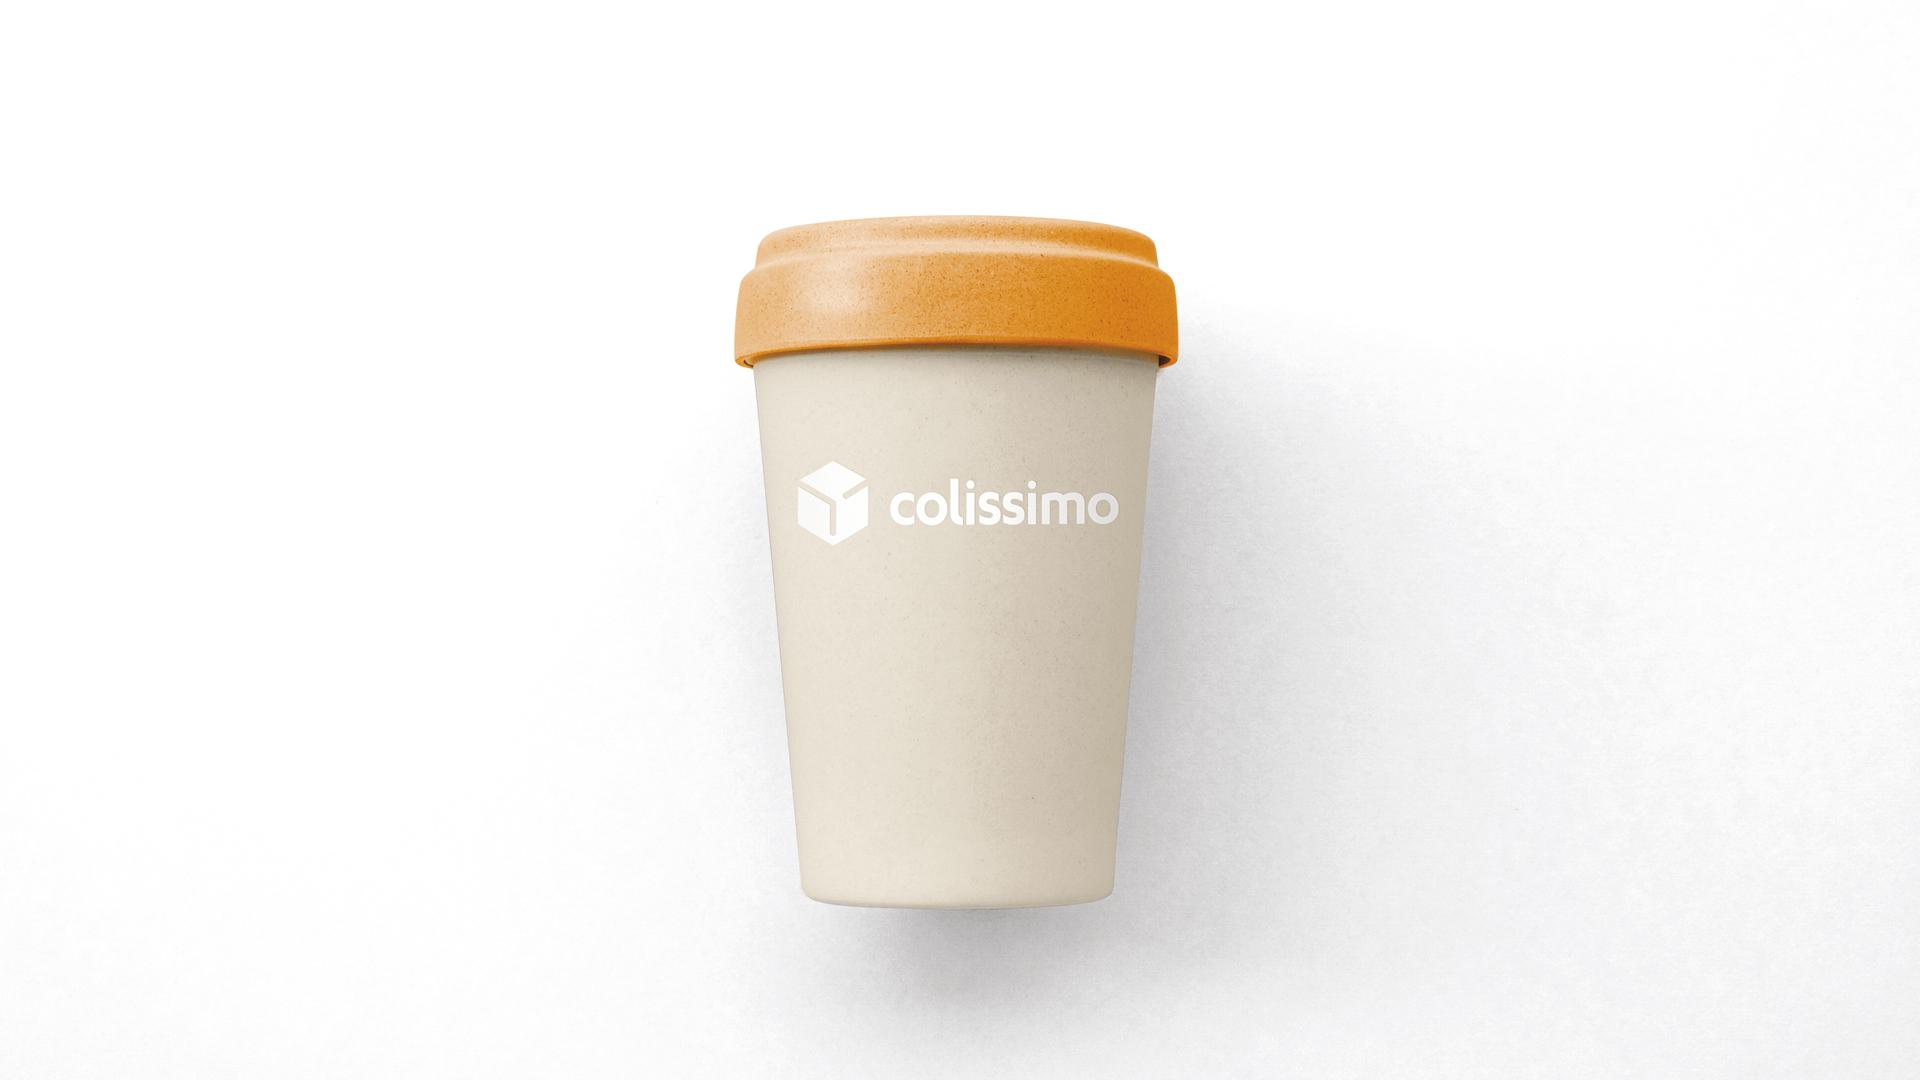 colissimo_casclient26